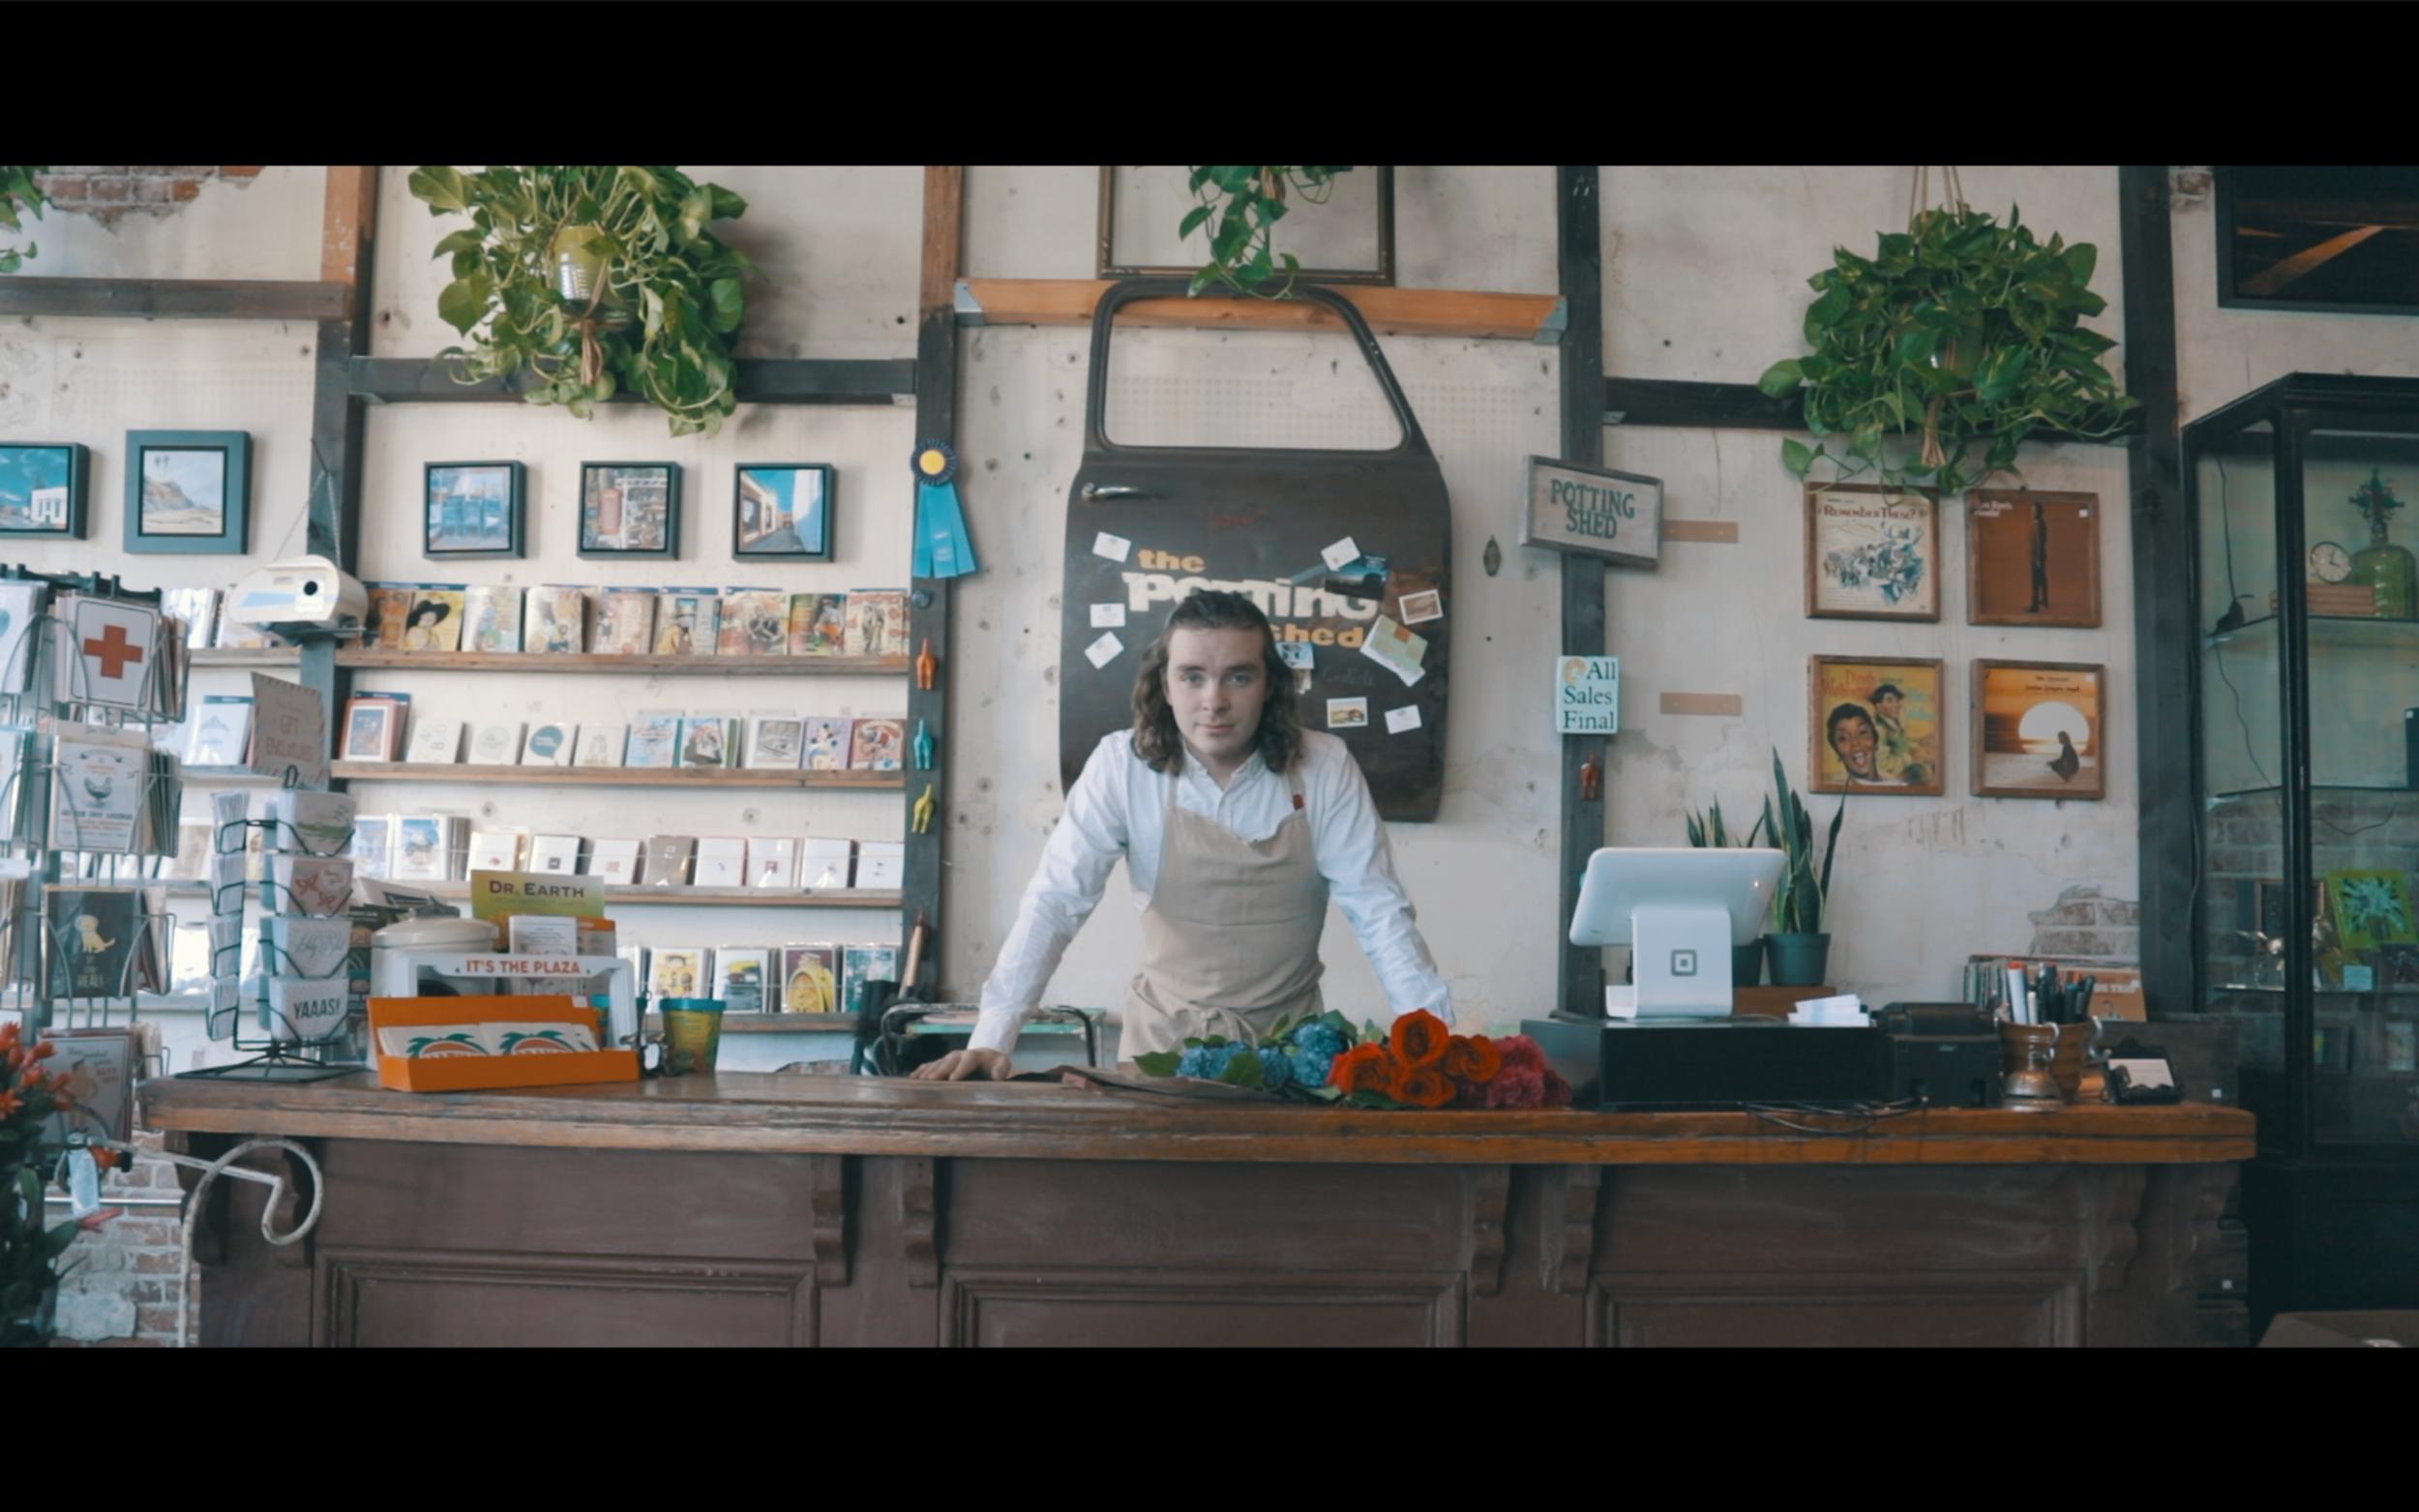 A Florist - (2018) —  Dir. Braden Joe, DP Alli Gooch, PD Emma Beeman